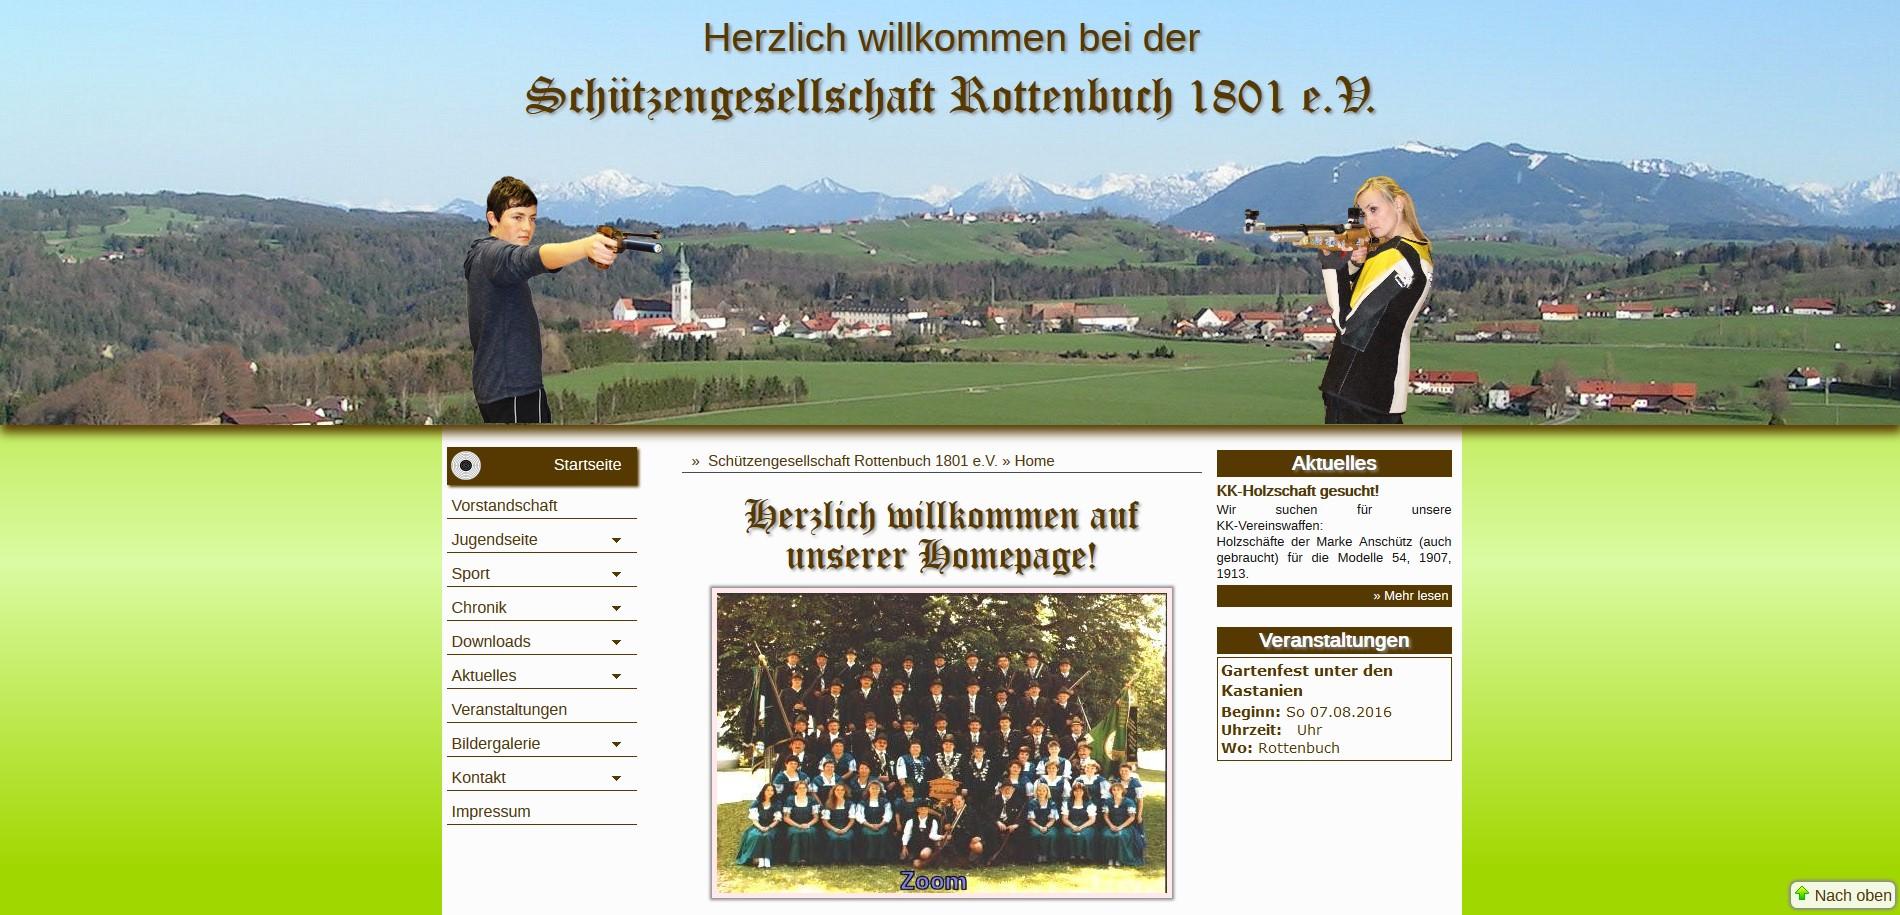 Schützengesellschaft Rottenbuch